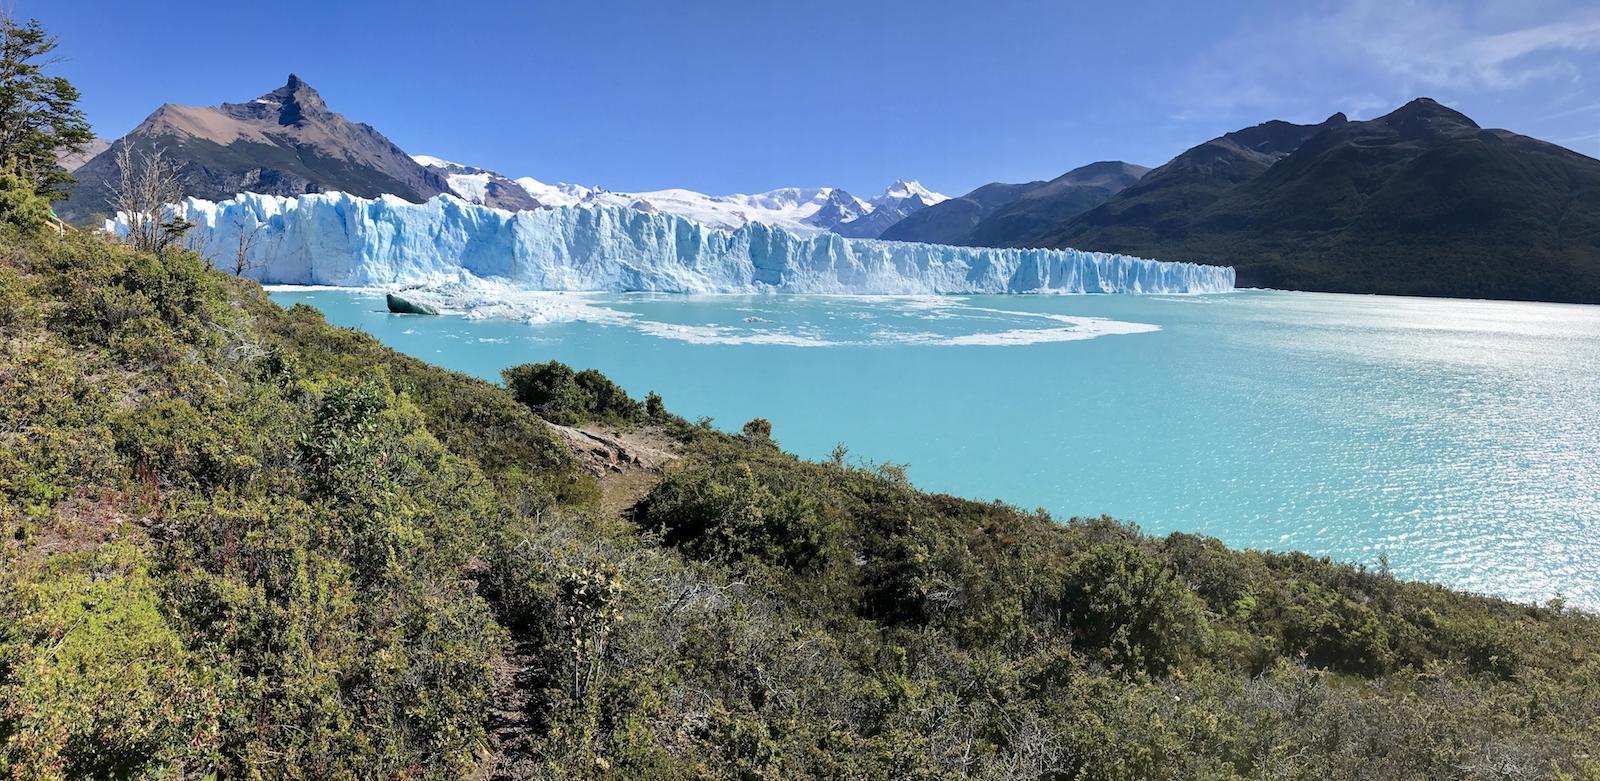 El Calafate, Argentina. 215 kms